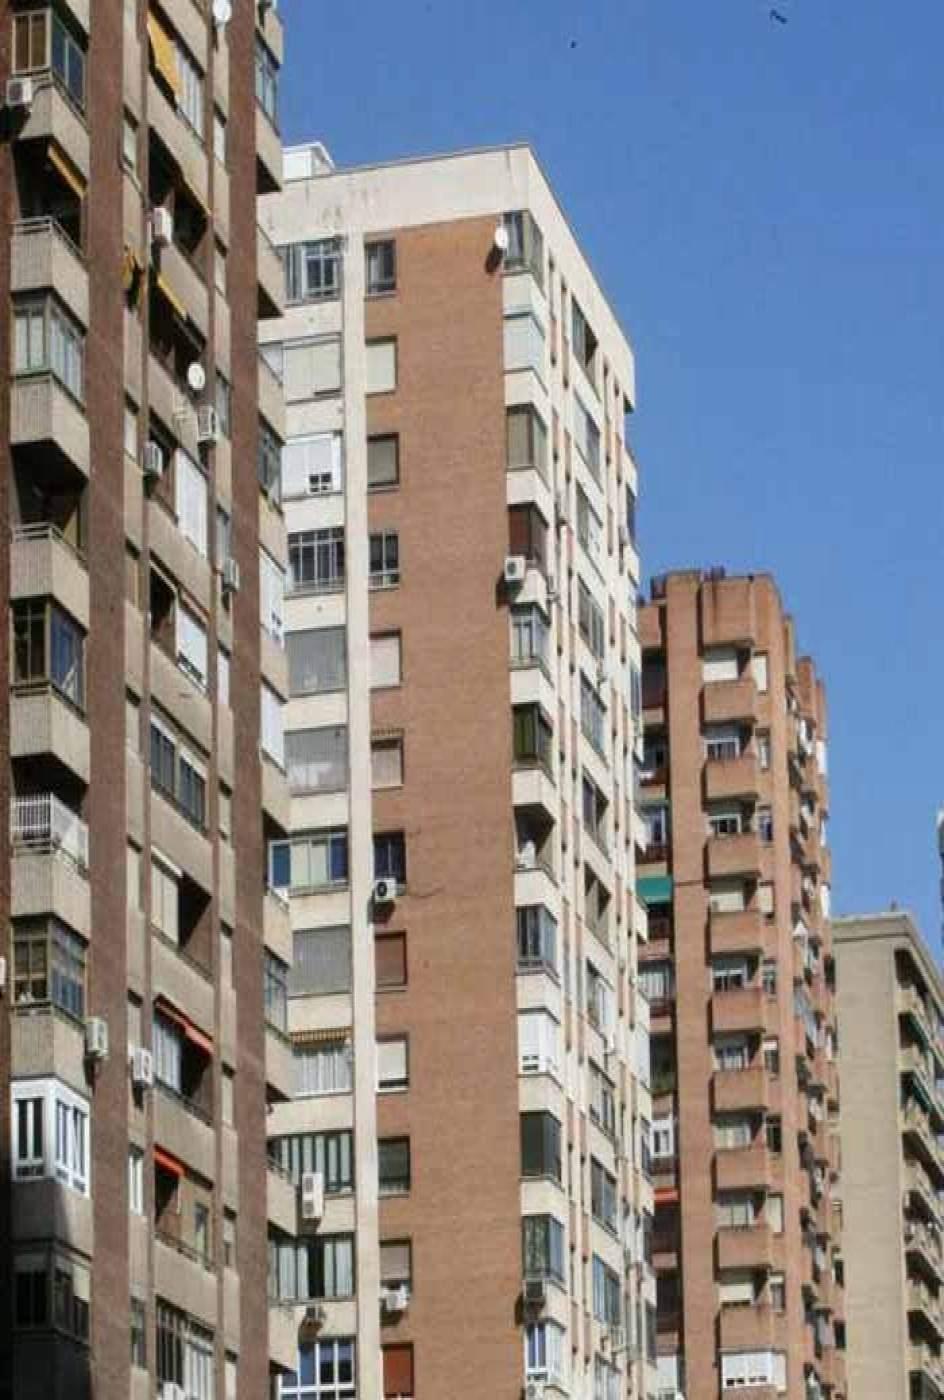 Qu debemos tener en cuenta antes de comprar un piso - Antes de comprar un piso ...